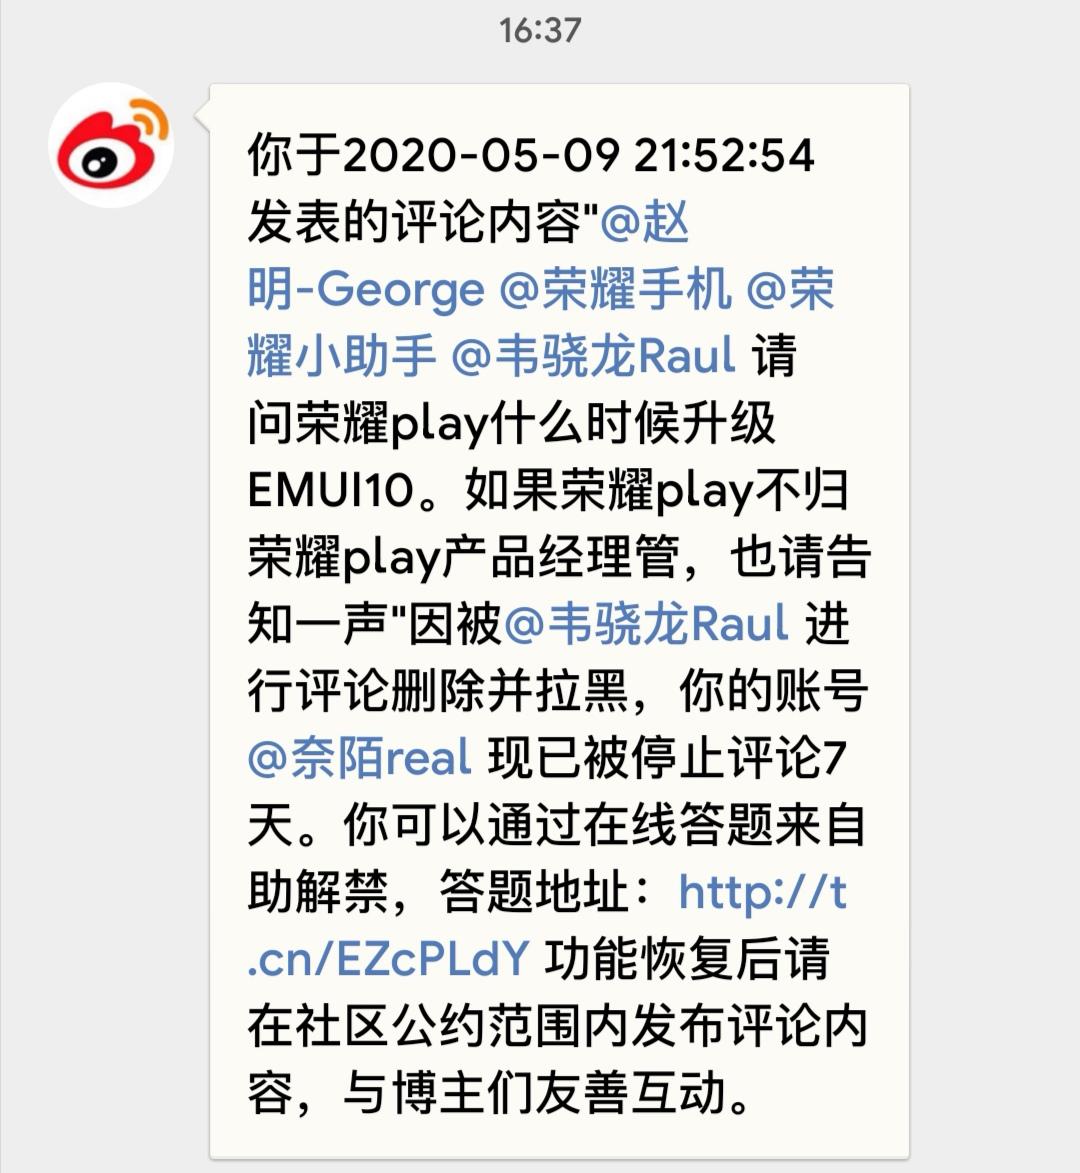 Screenshot_20200510_171637.jpg